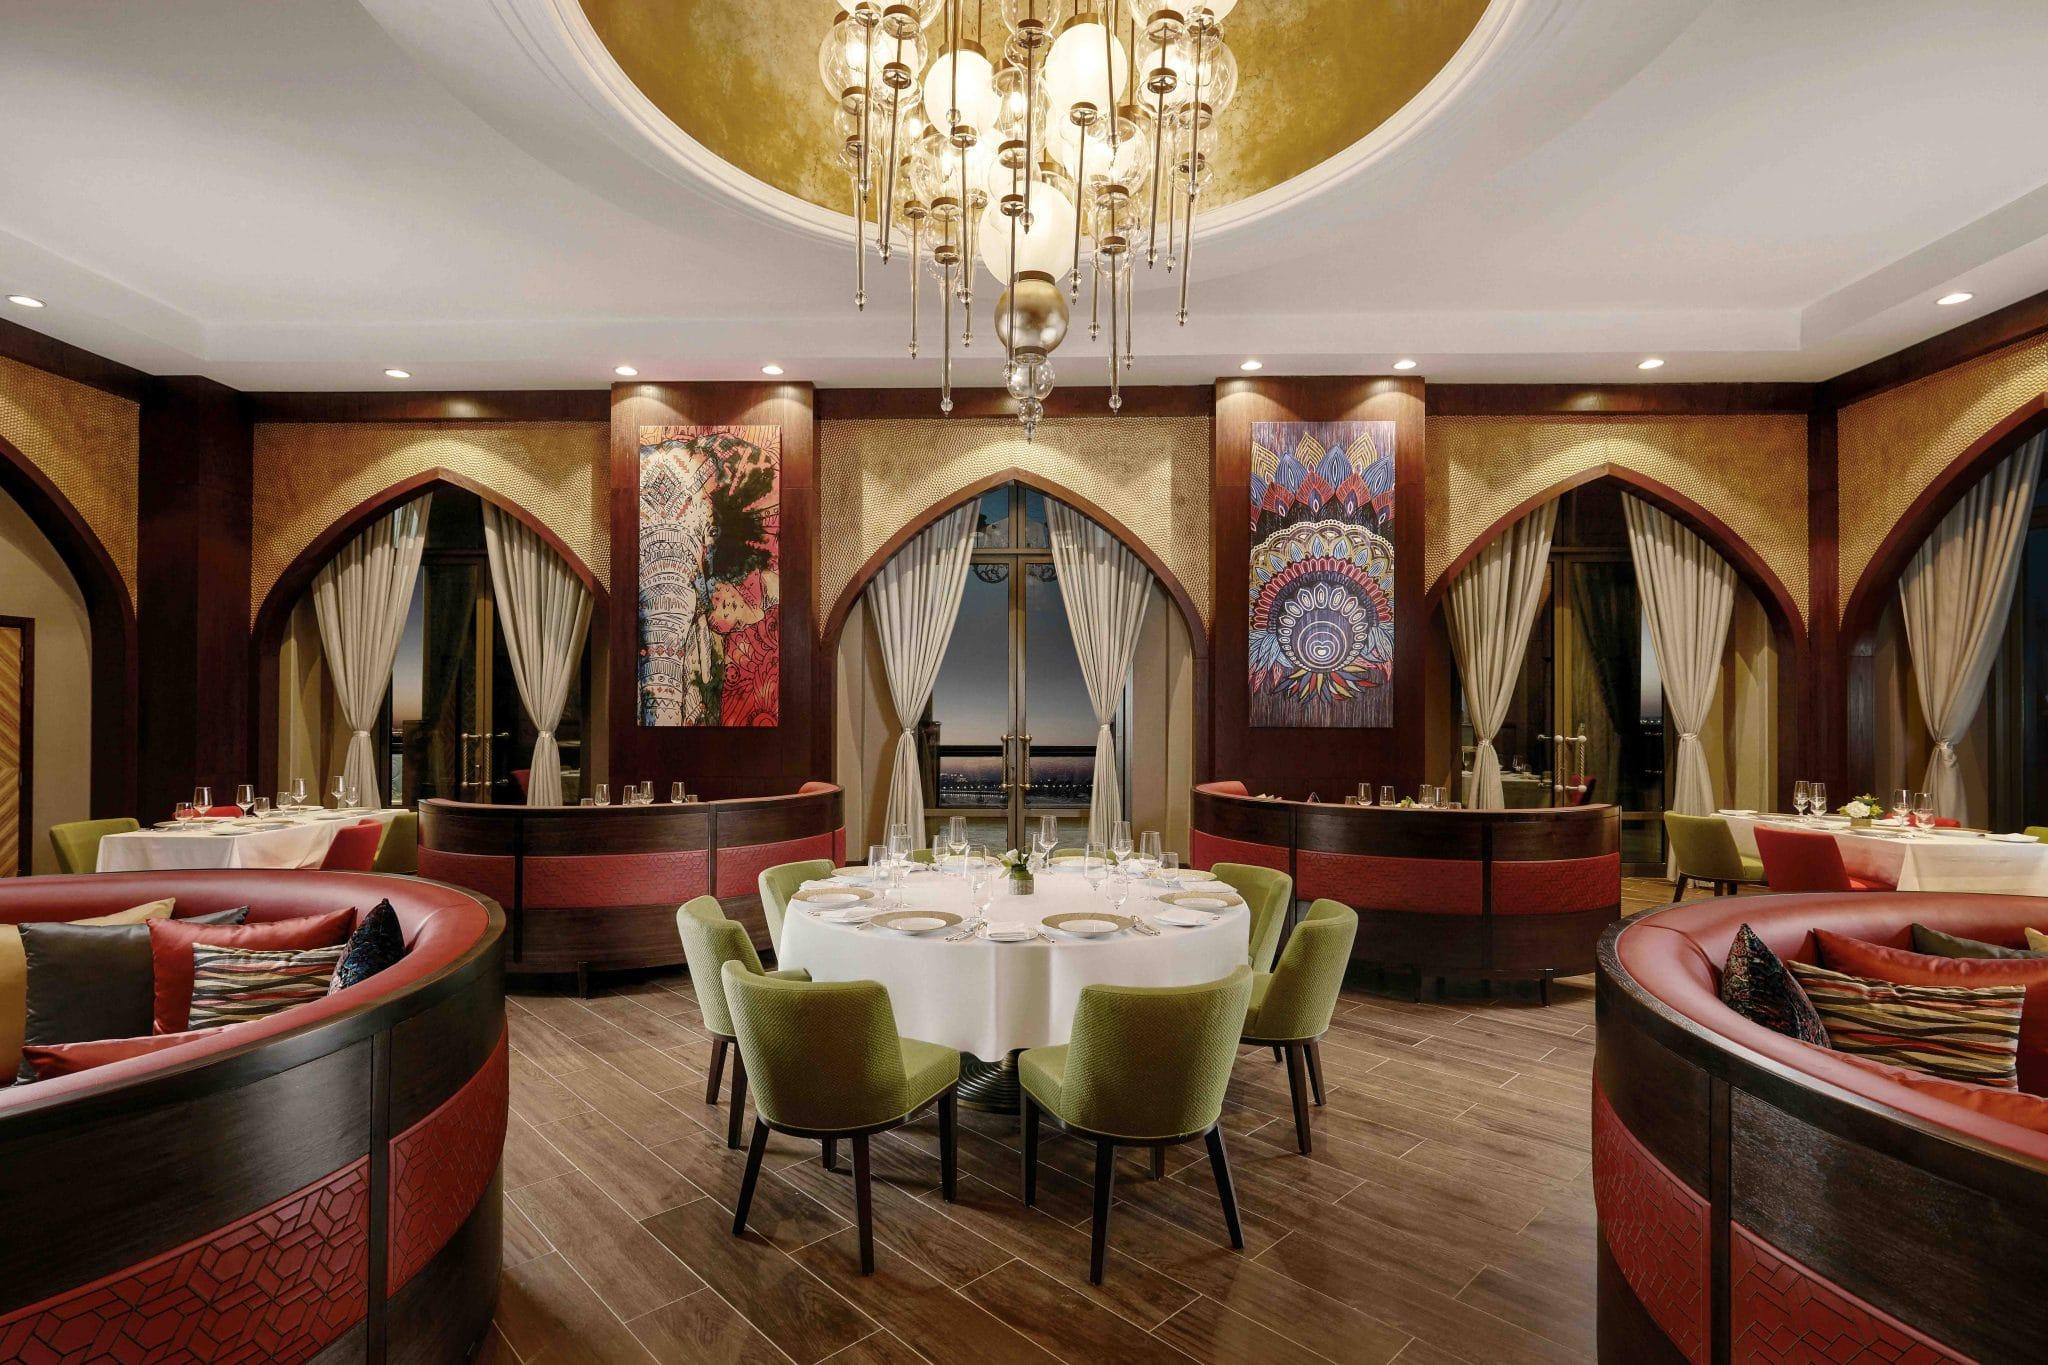 تعرف على أفخر المطاعم في فندق قصر الإمارات